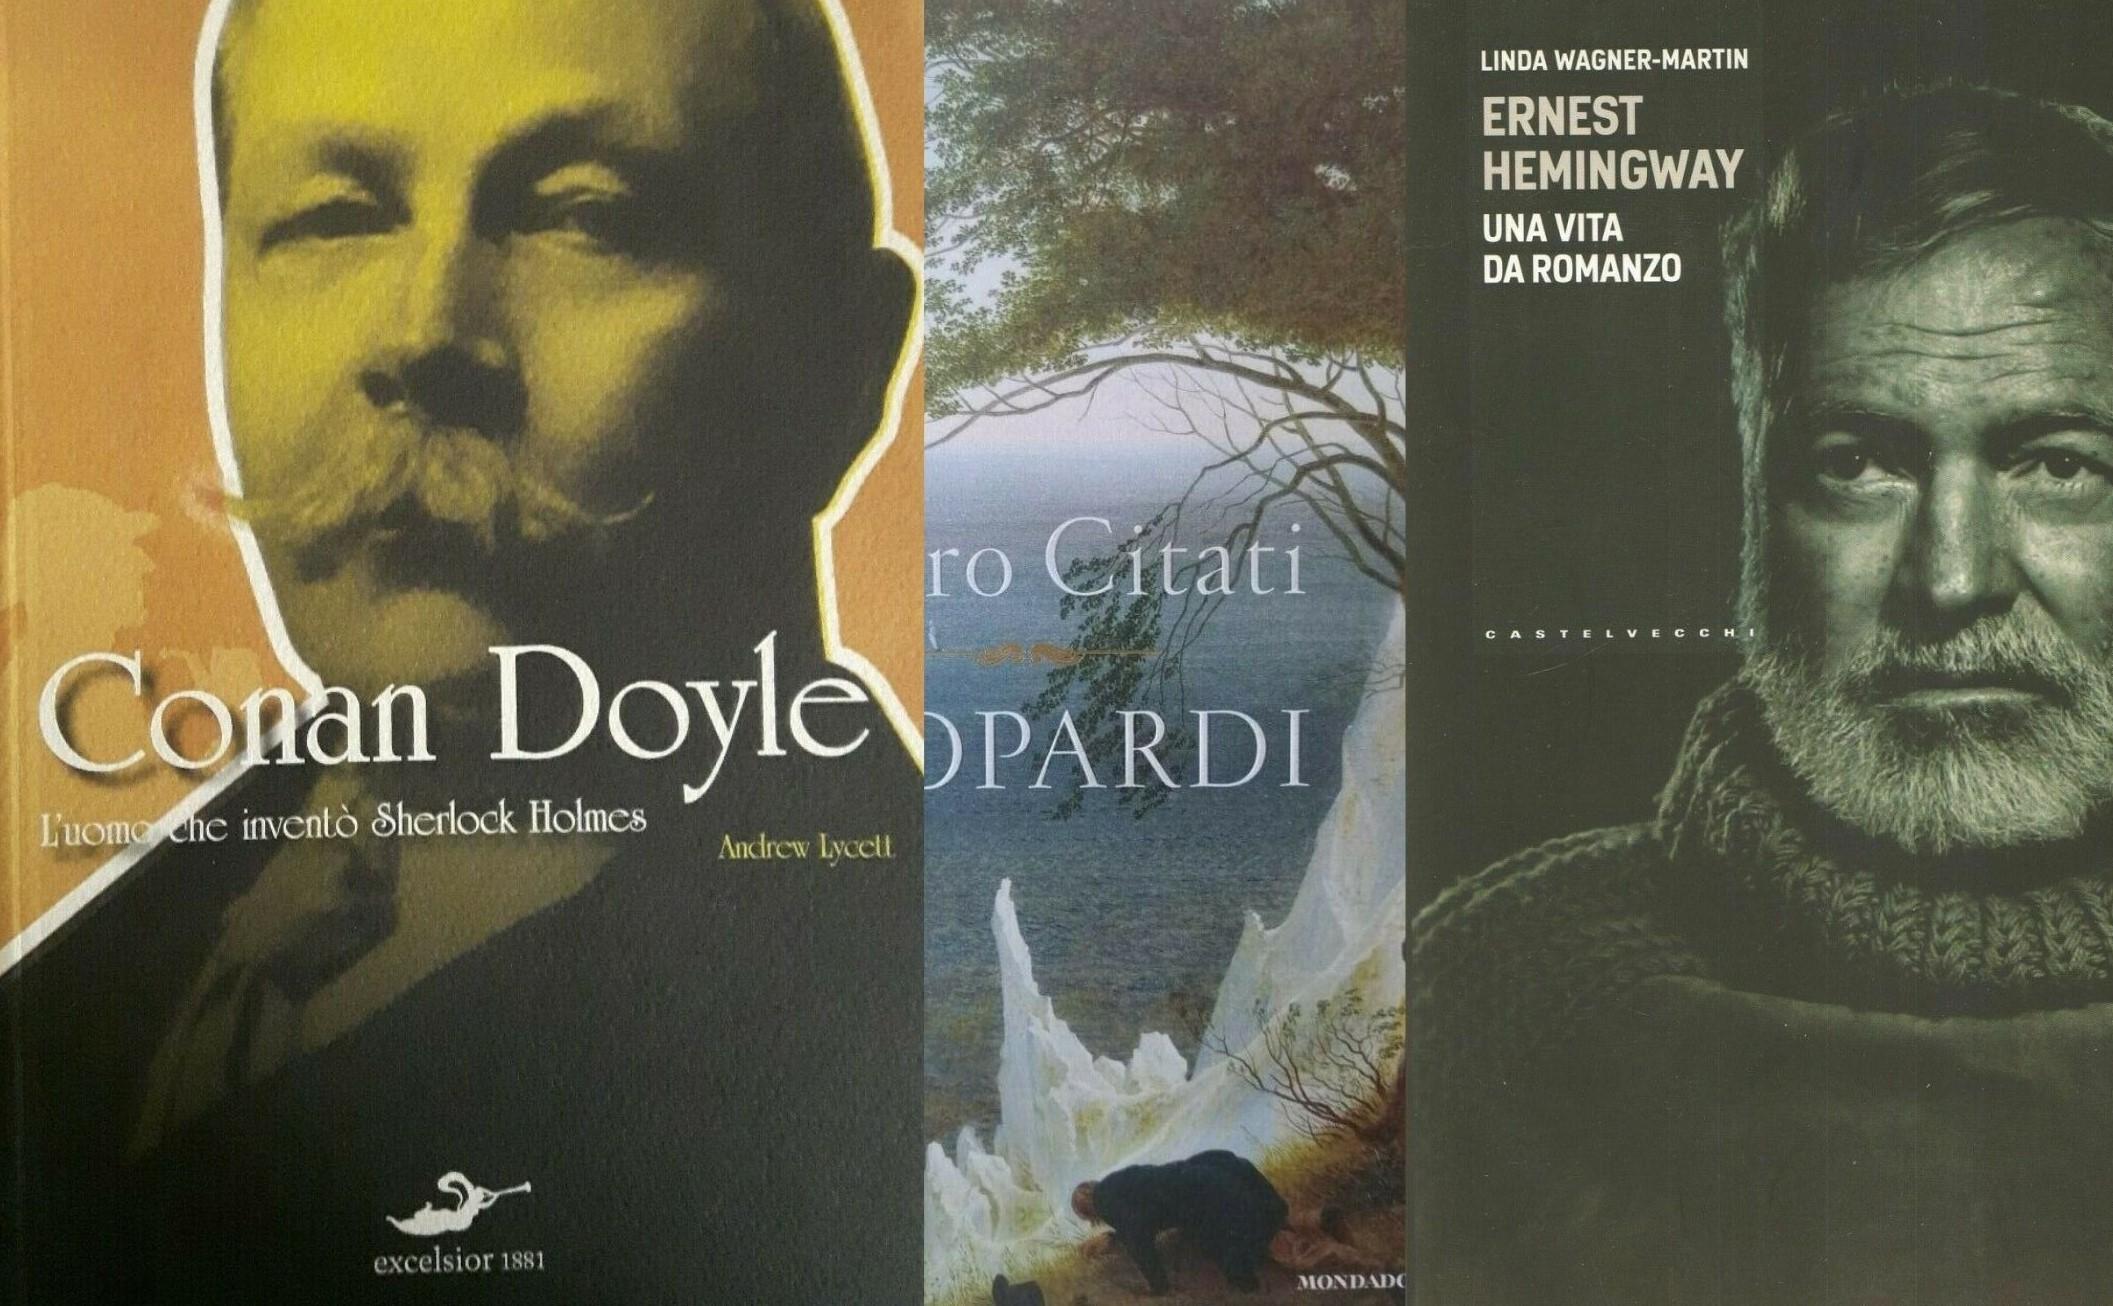 A Porta Portese non si è mai soli: oggi in compagnia di Conan Doyle, Hemingway e Giacomo Leopardi